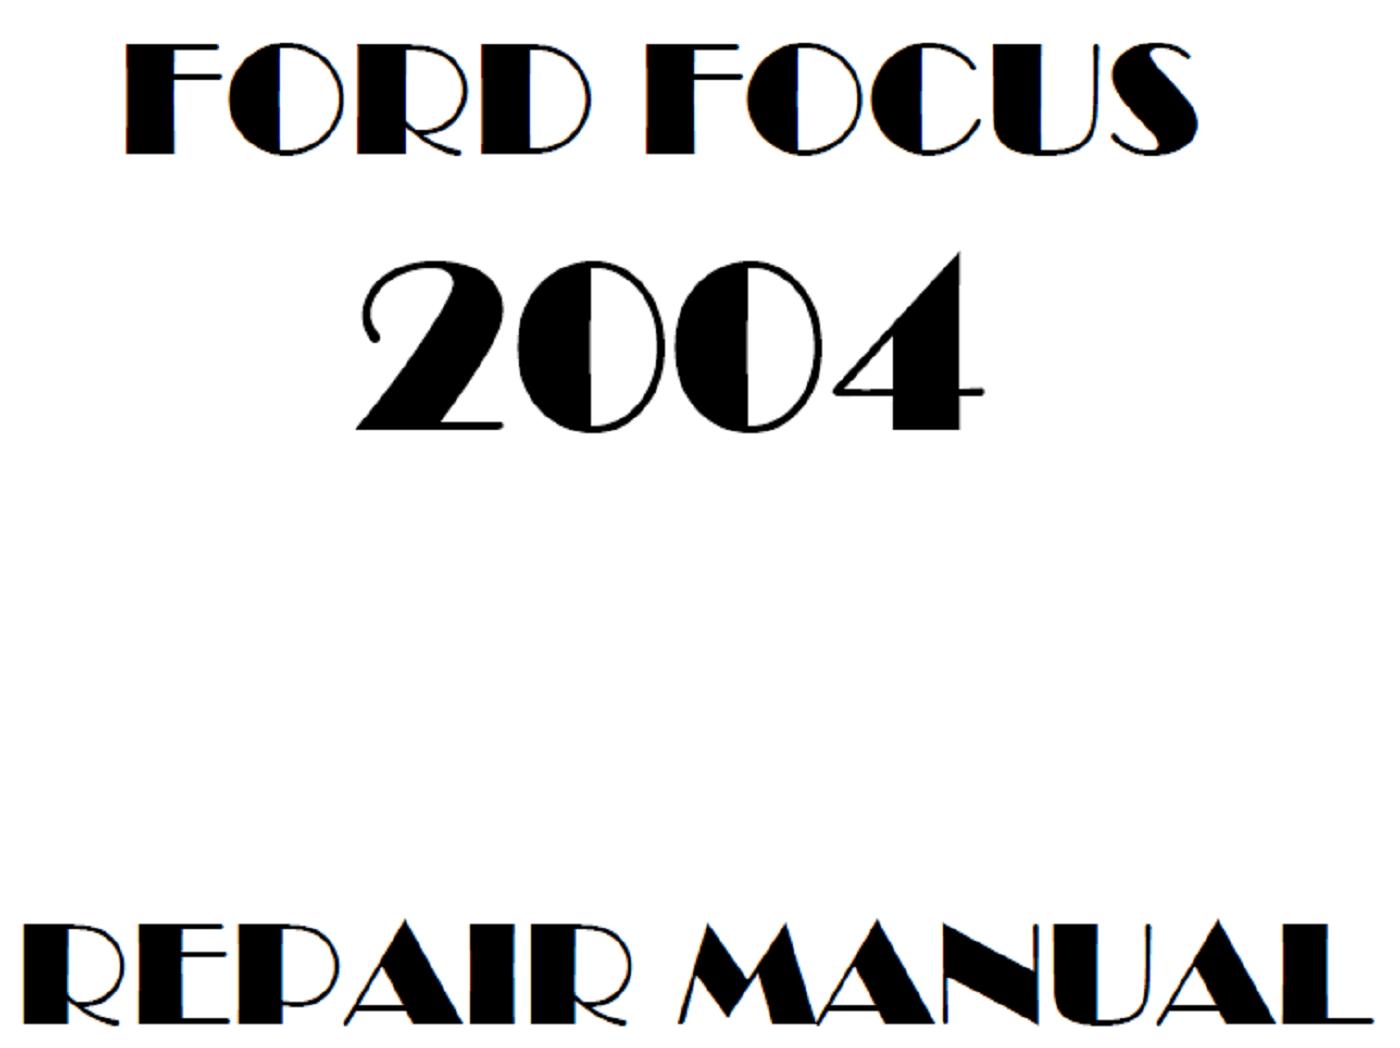 2004 Ford Focus repair manual